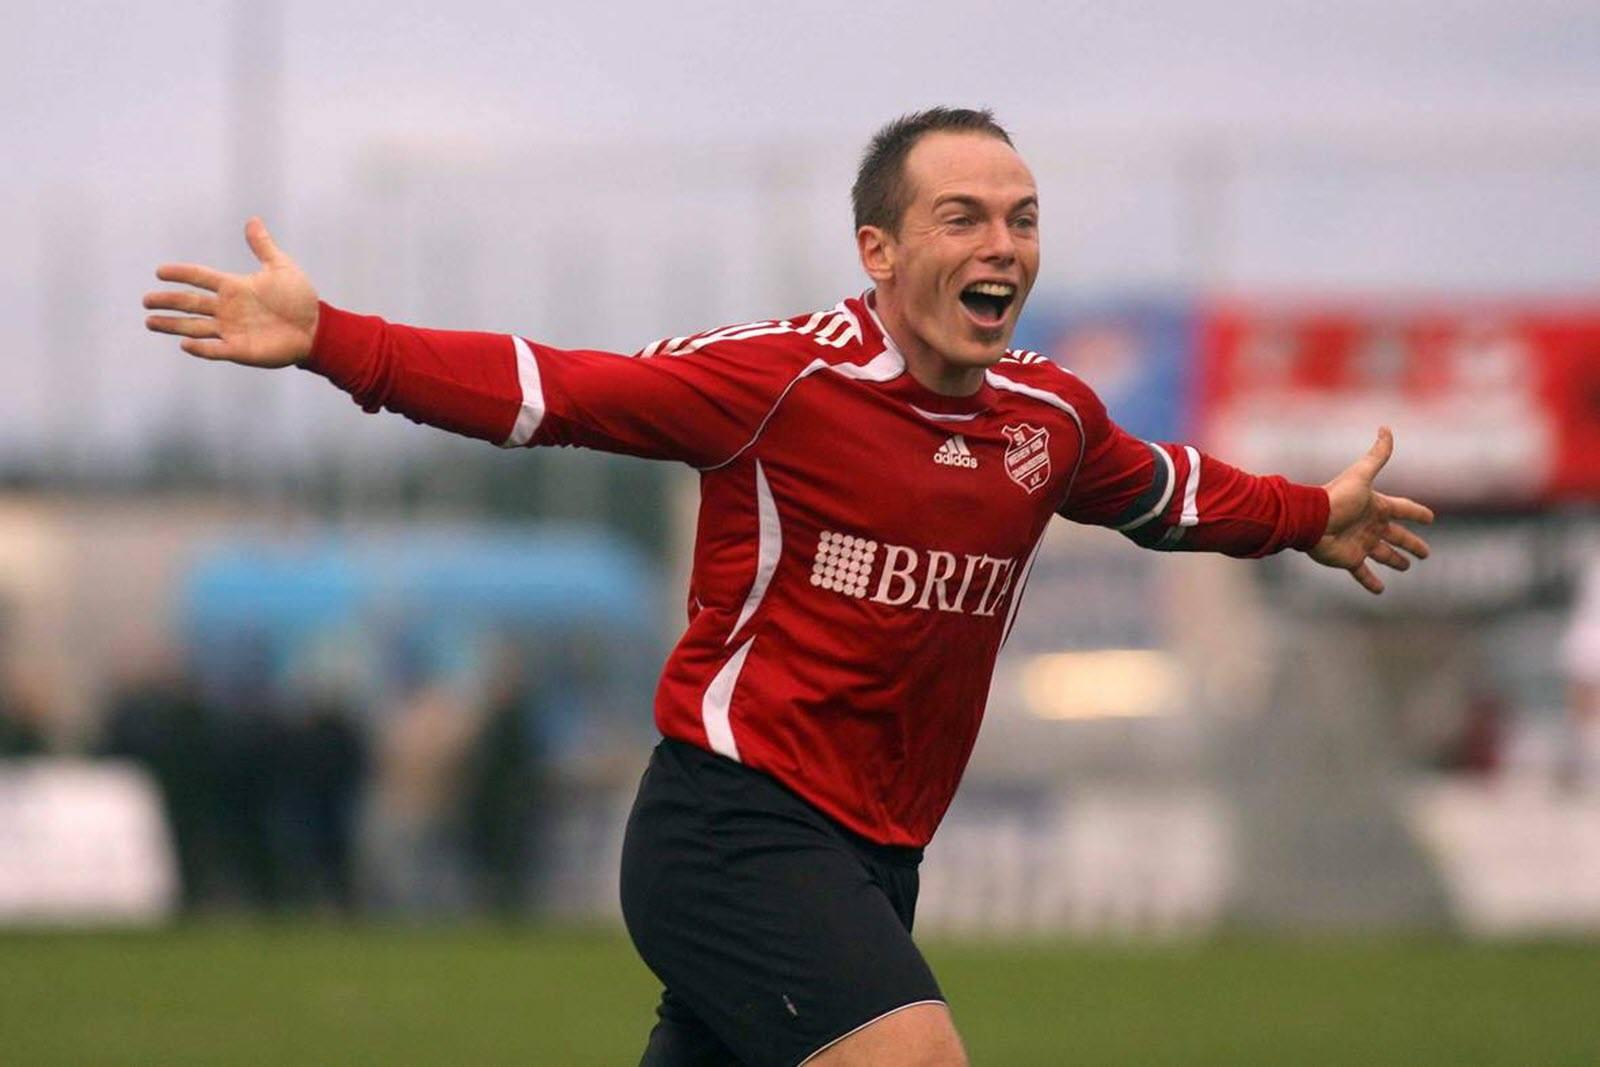 Sascha Amstätter, SV Wehen Wiesbaden